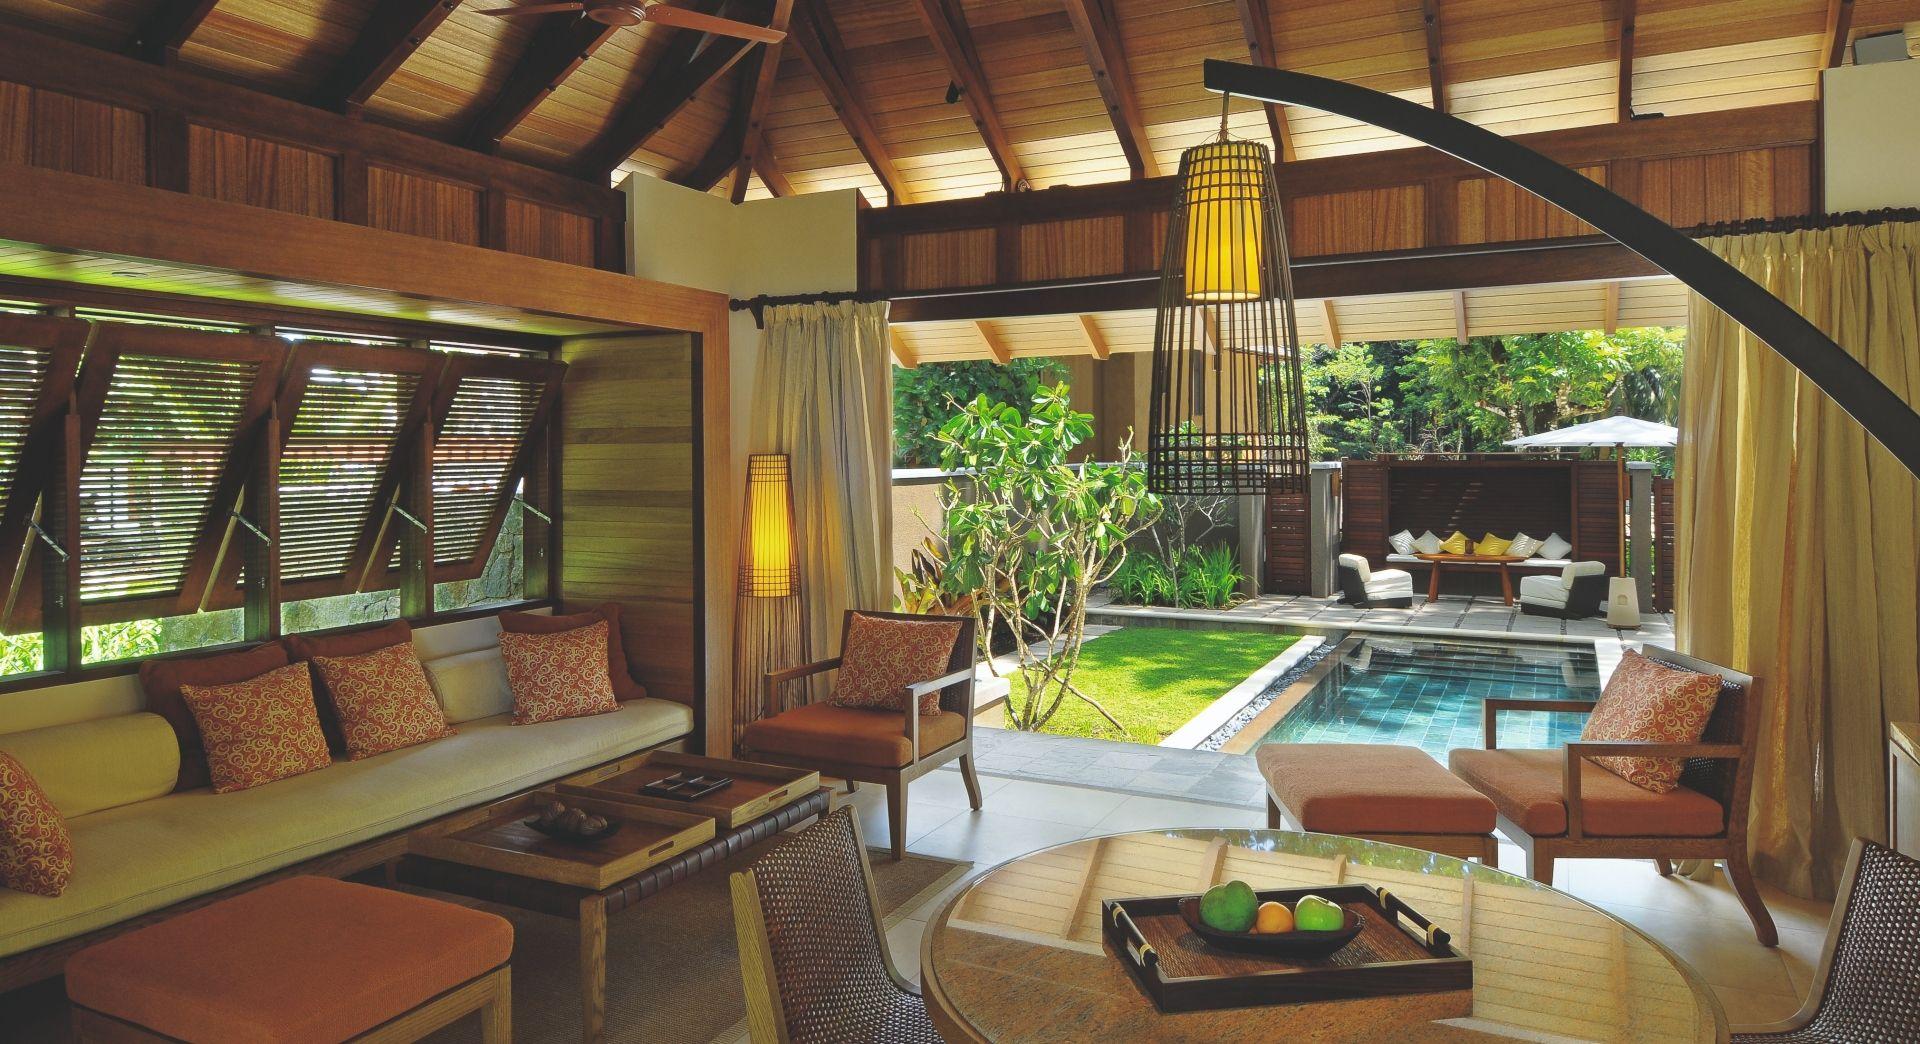 A Beach Villa interior